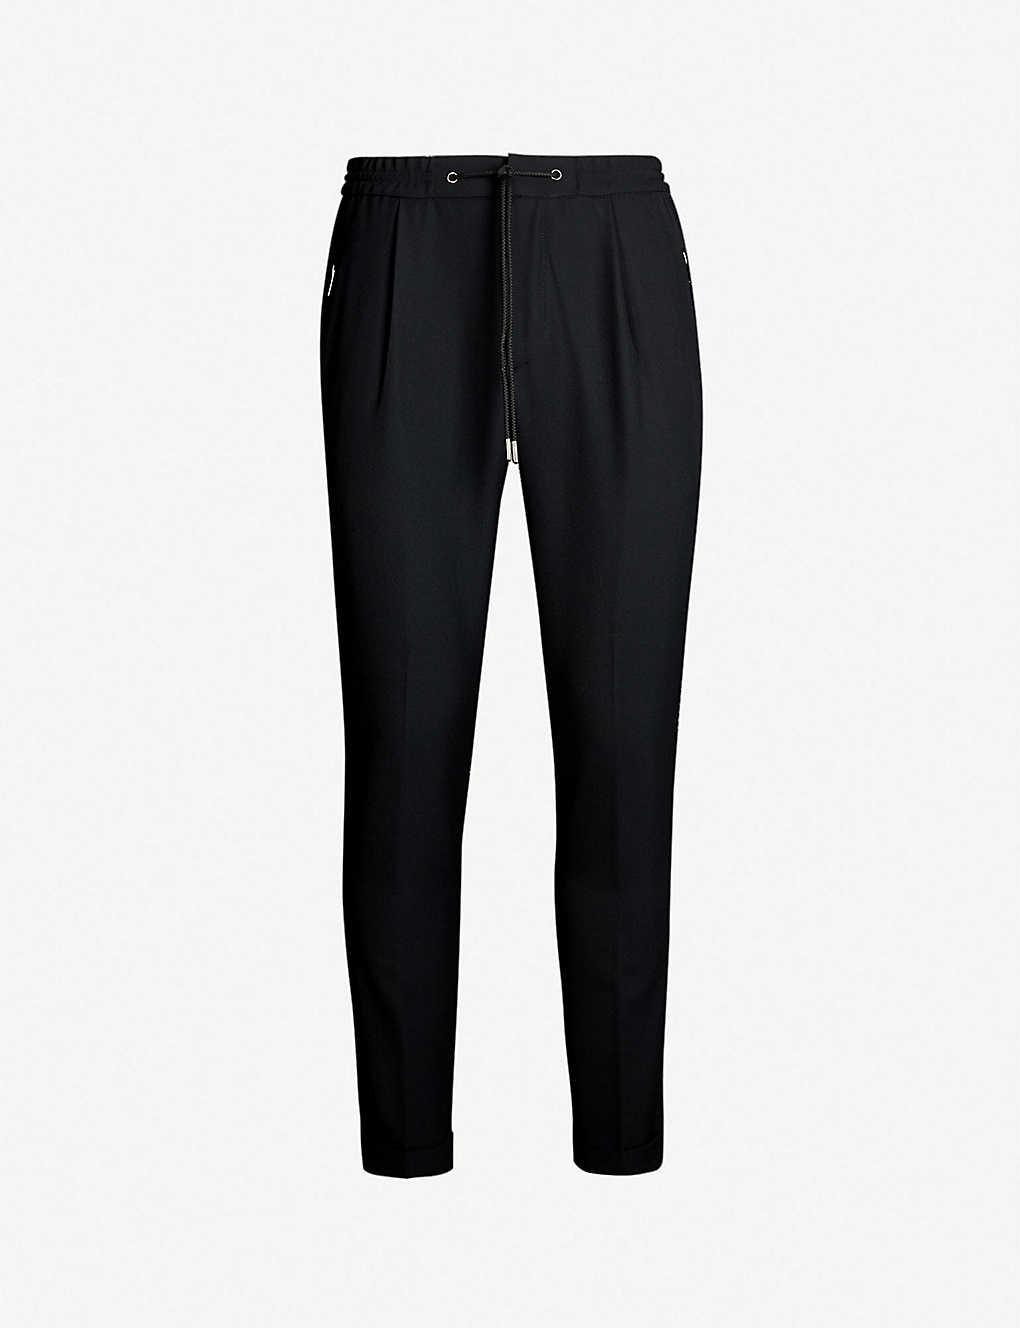 262c82b3974 THE KOOPLES - Slim-fit skinny twill trousers